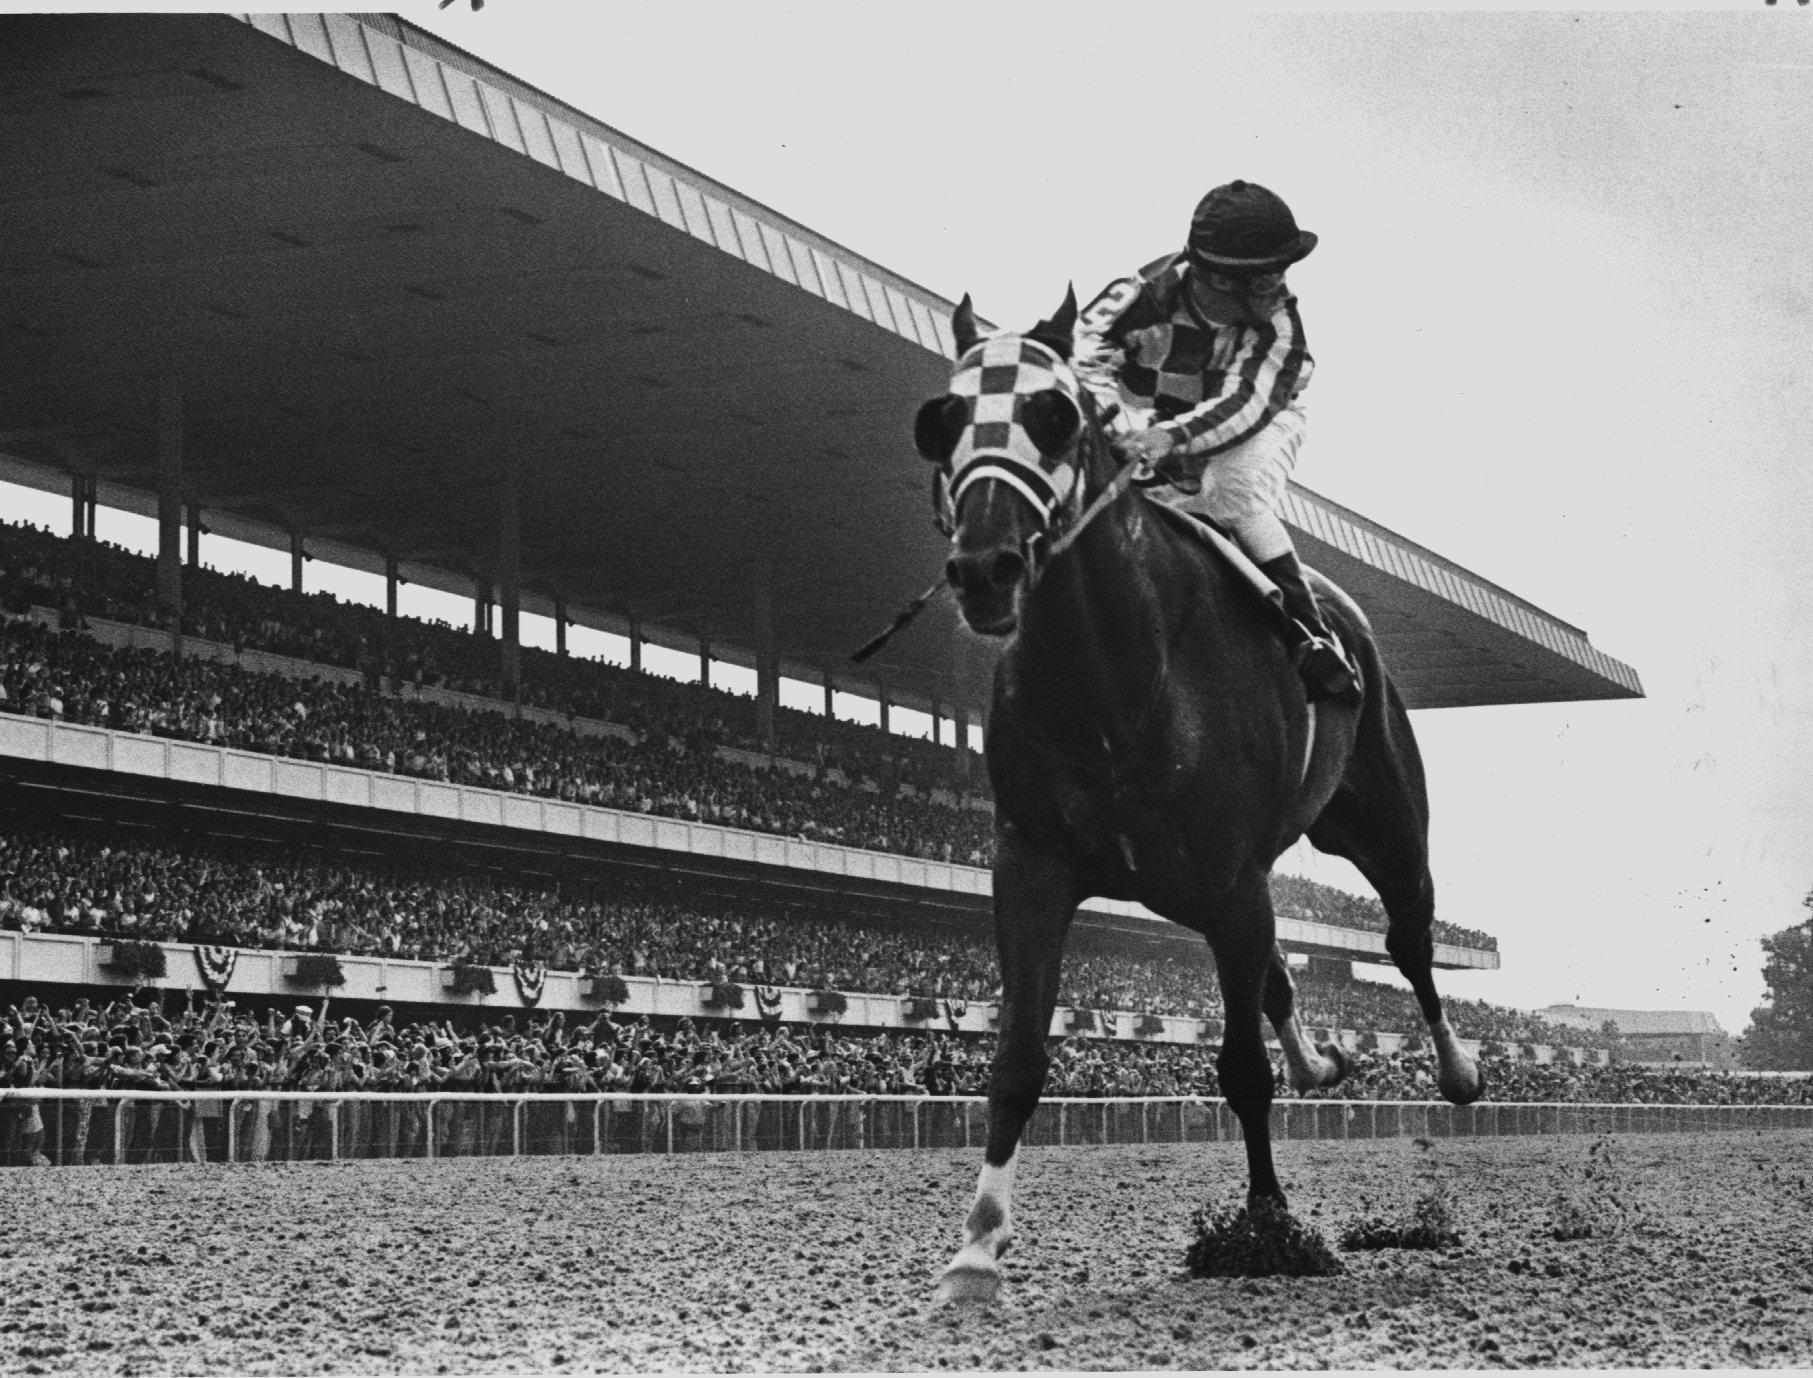 Sekretariat memenangkan Belmont Stakes dengan rekor 31-panjang, menyelesaikan 1973 Triple Crown